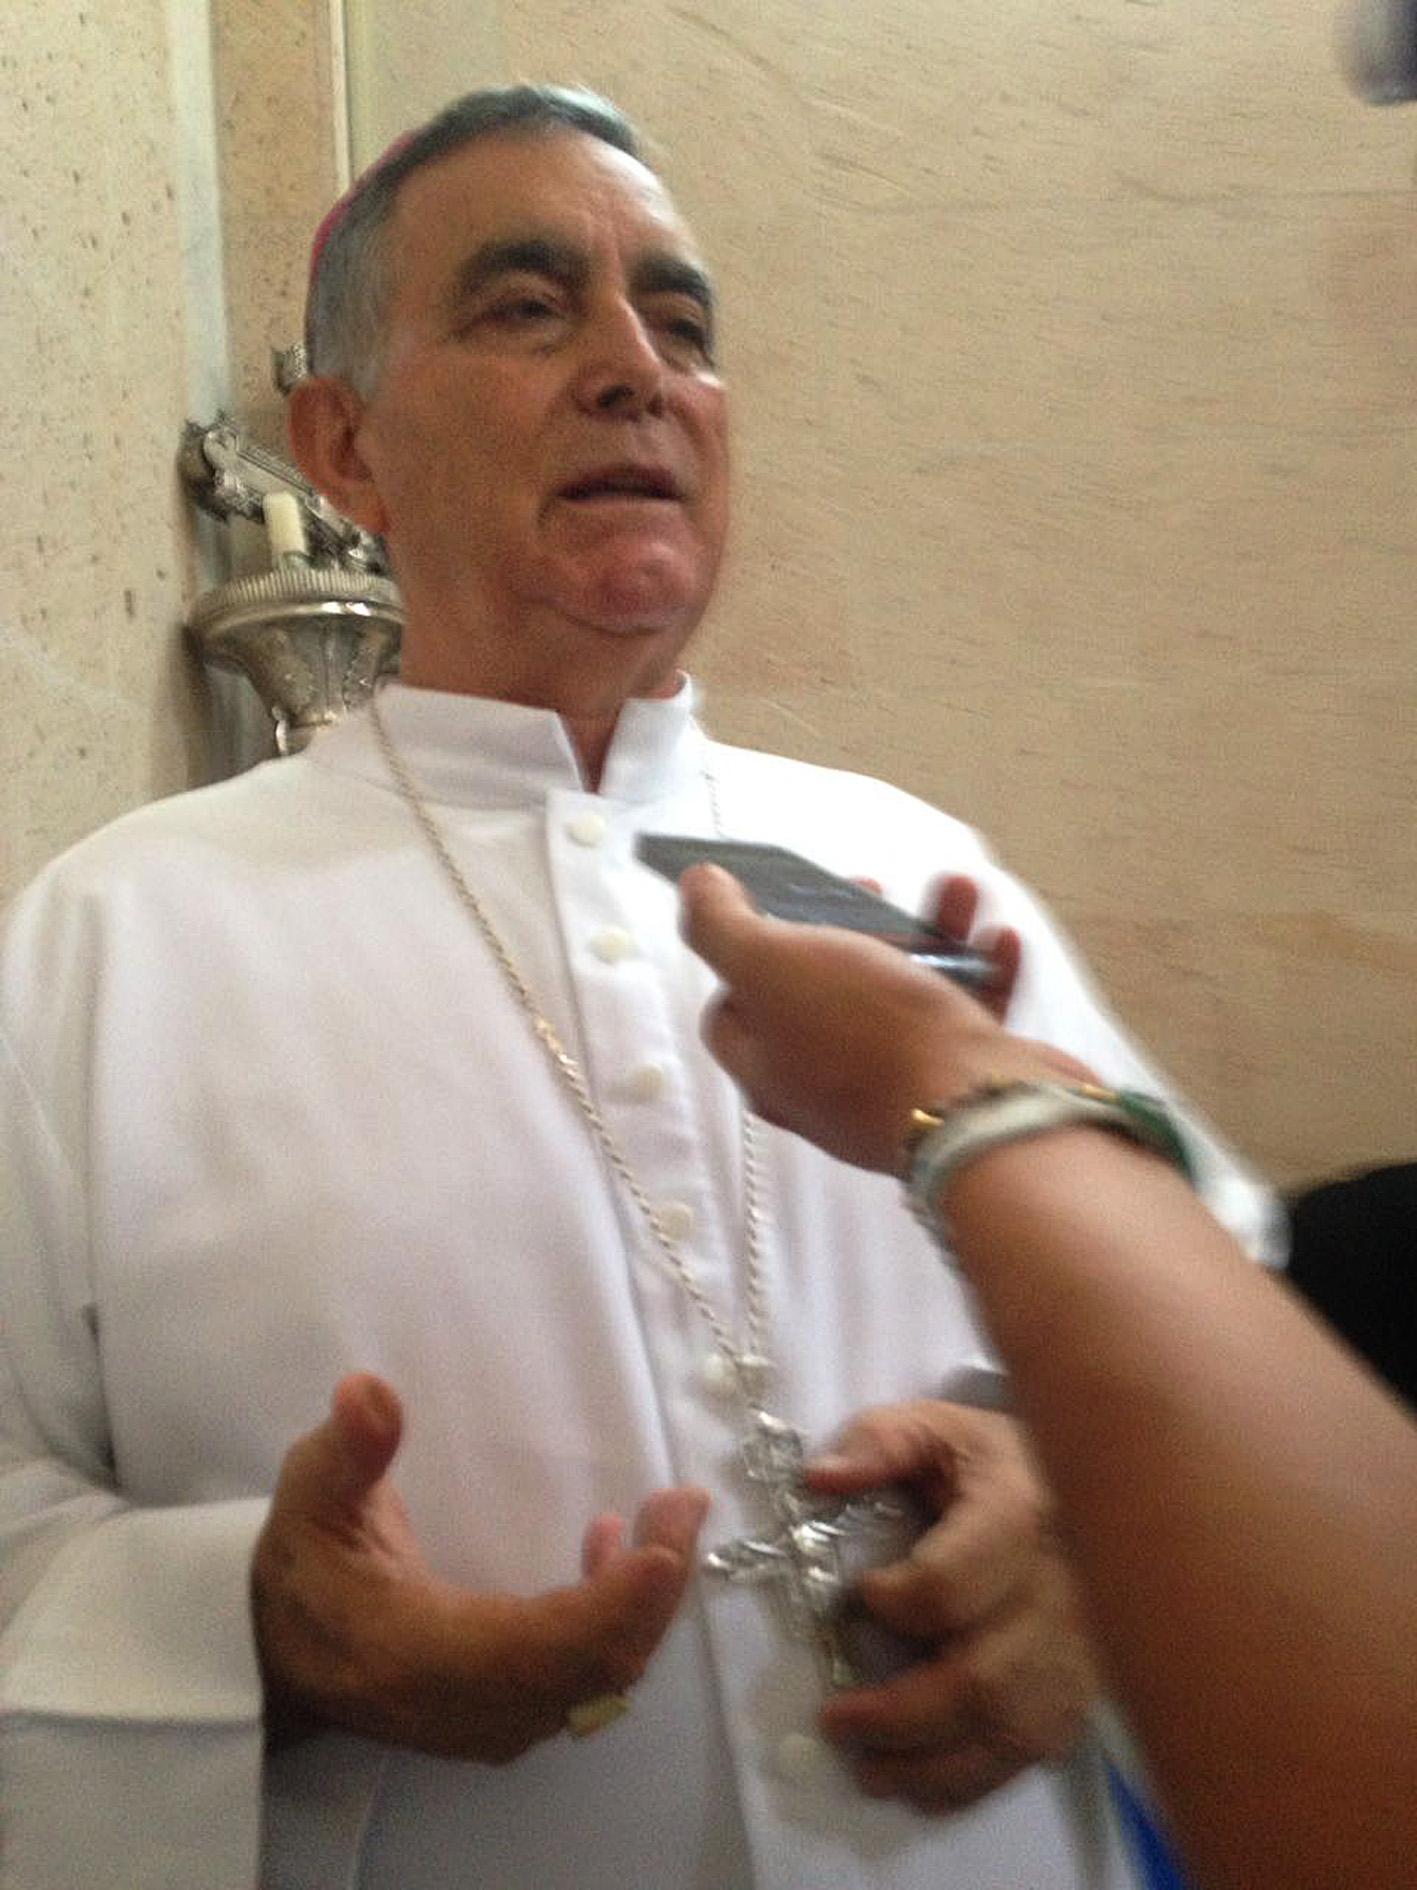 ld-entrevista-Salvador-obispo-durante-misa.jpg: Chilapa, Guerrero de Septiembre del 2017// El obispo Salvador Rangel durante la entrevista y durante la misa ayer en la catedral de Chilapa. Foto: Luis Daniel Nava